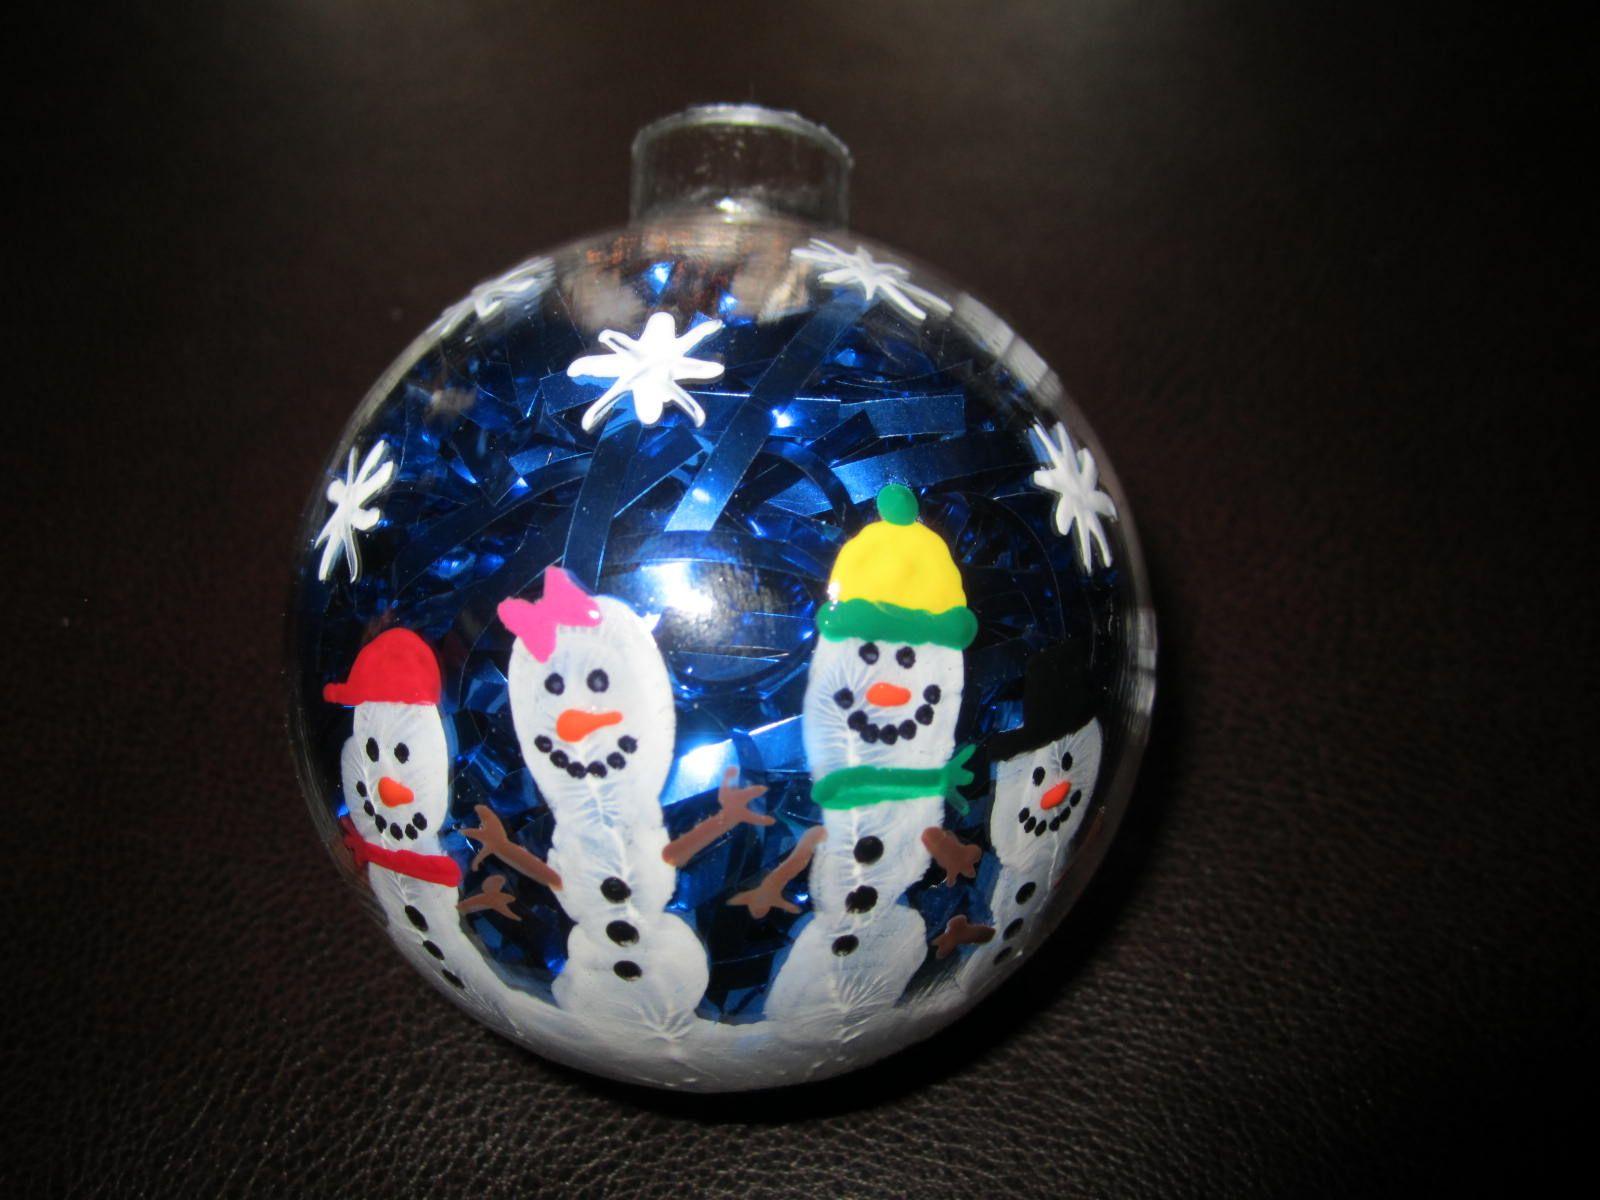 Snowman Handprint Ornaments Preschool Christmas Gifts Christmas Kindergarten Preschool Christmas Crafts